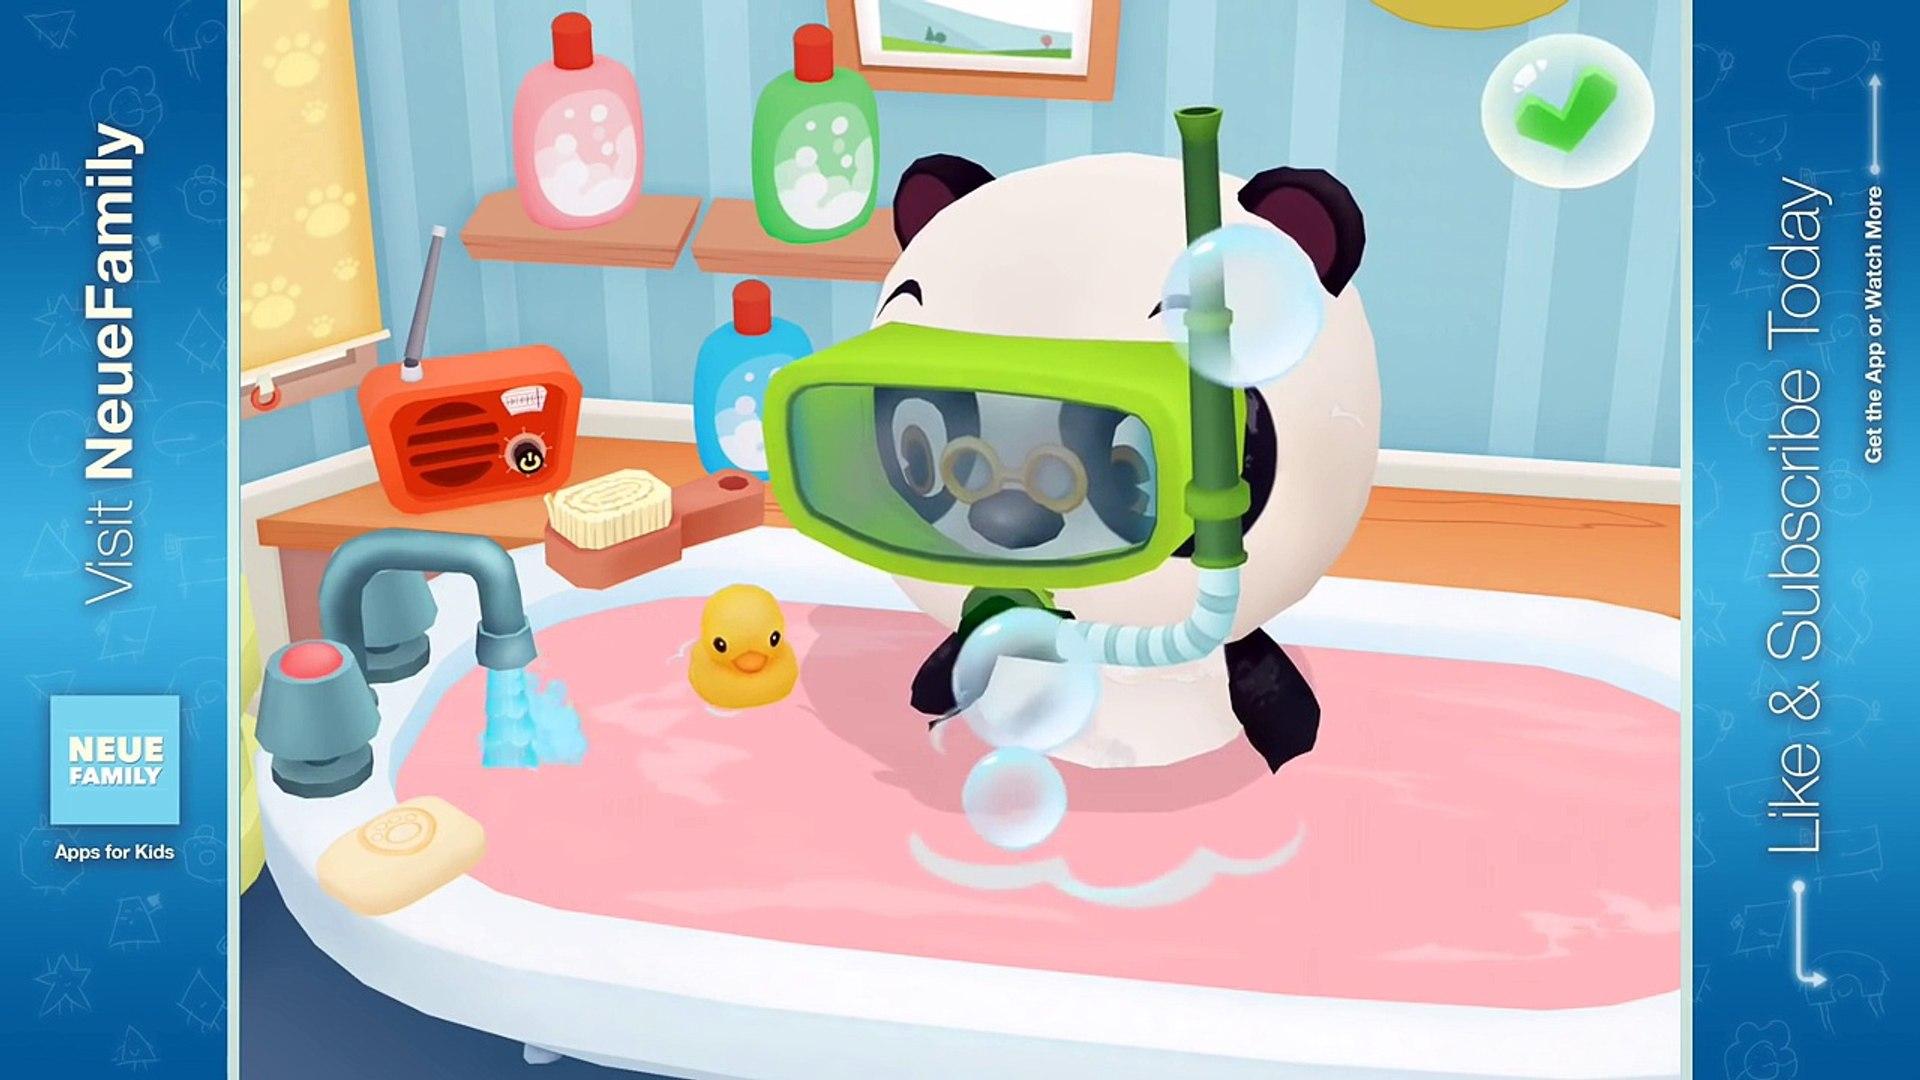 Dr. Panda Bath Time: Activity App for Kids